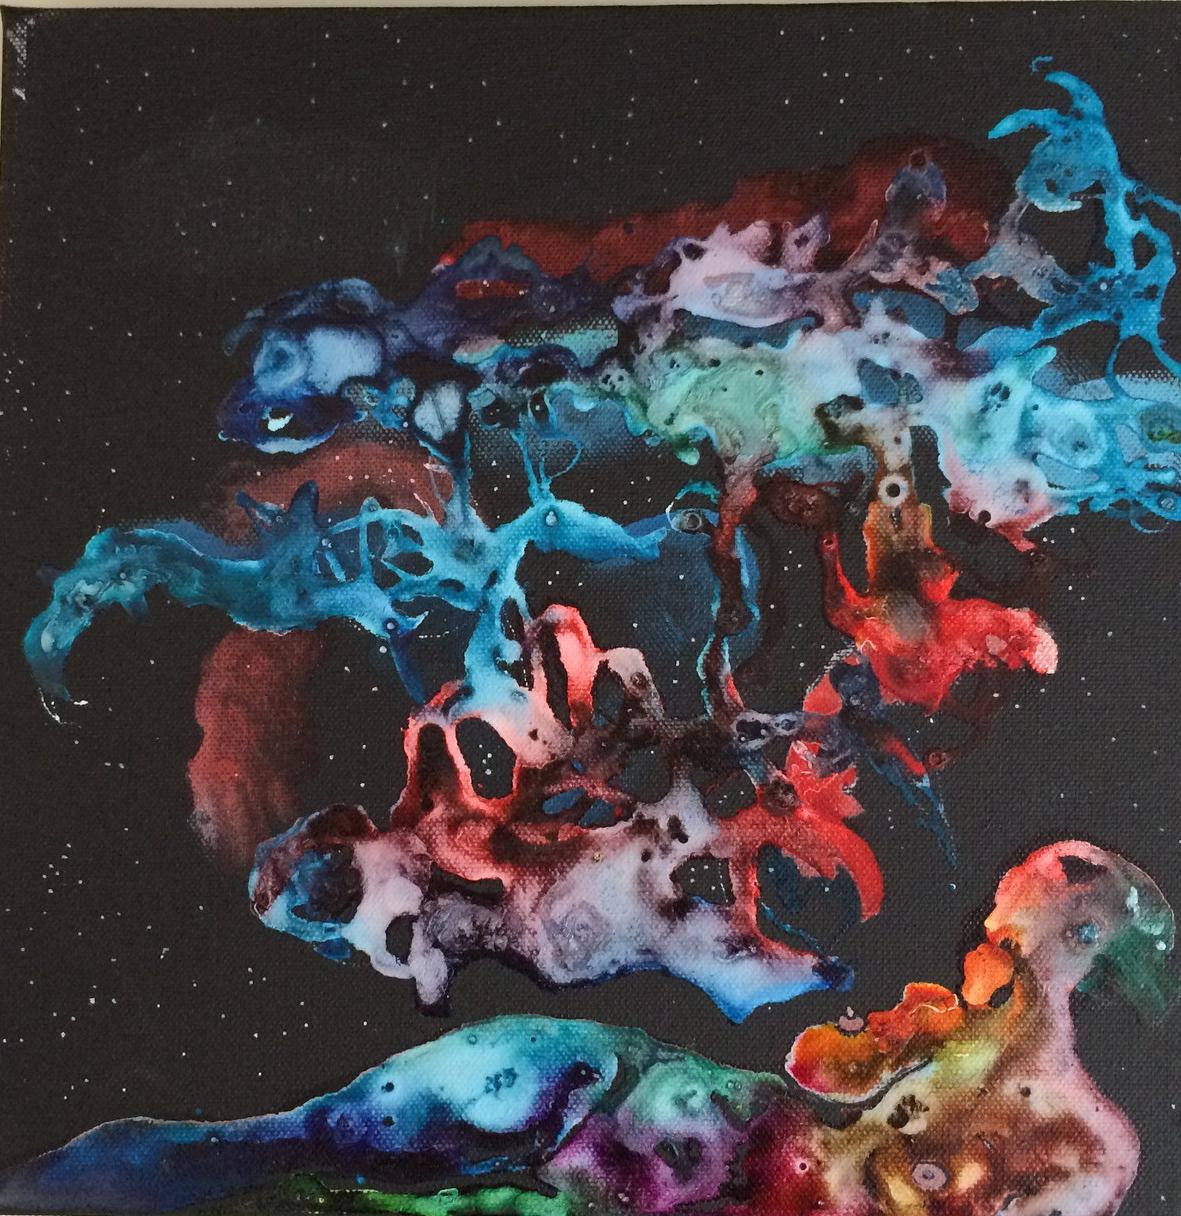 Les dentelles du Cigne dansent devant notre si belle Voie Lactée. Appartient à Agnès John